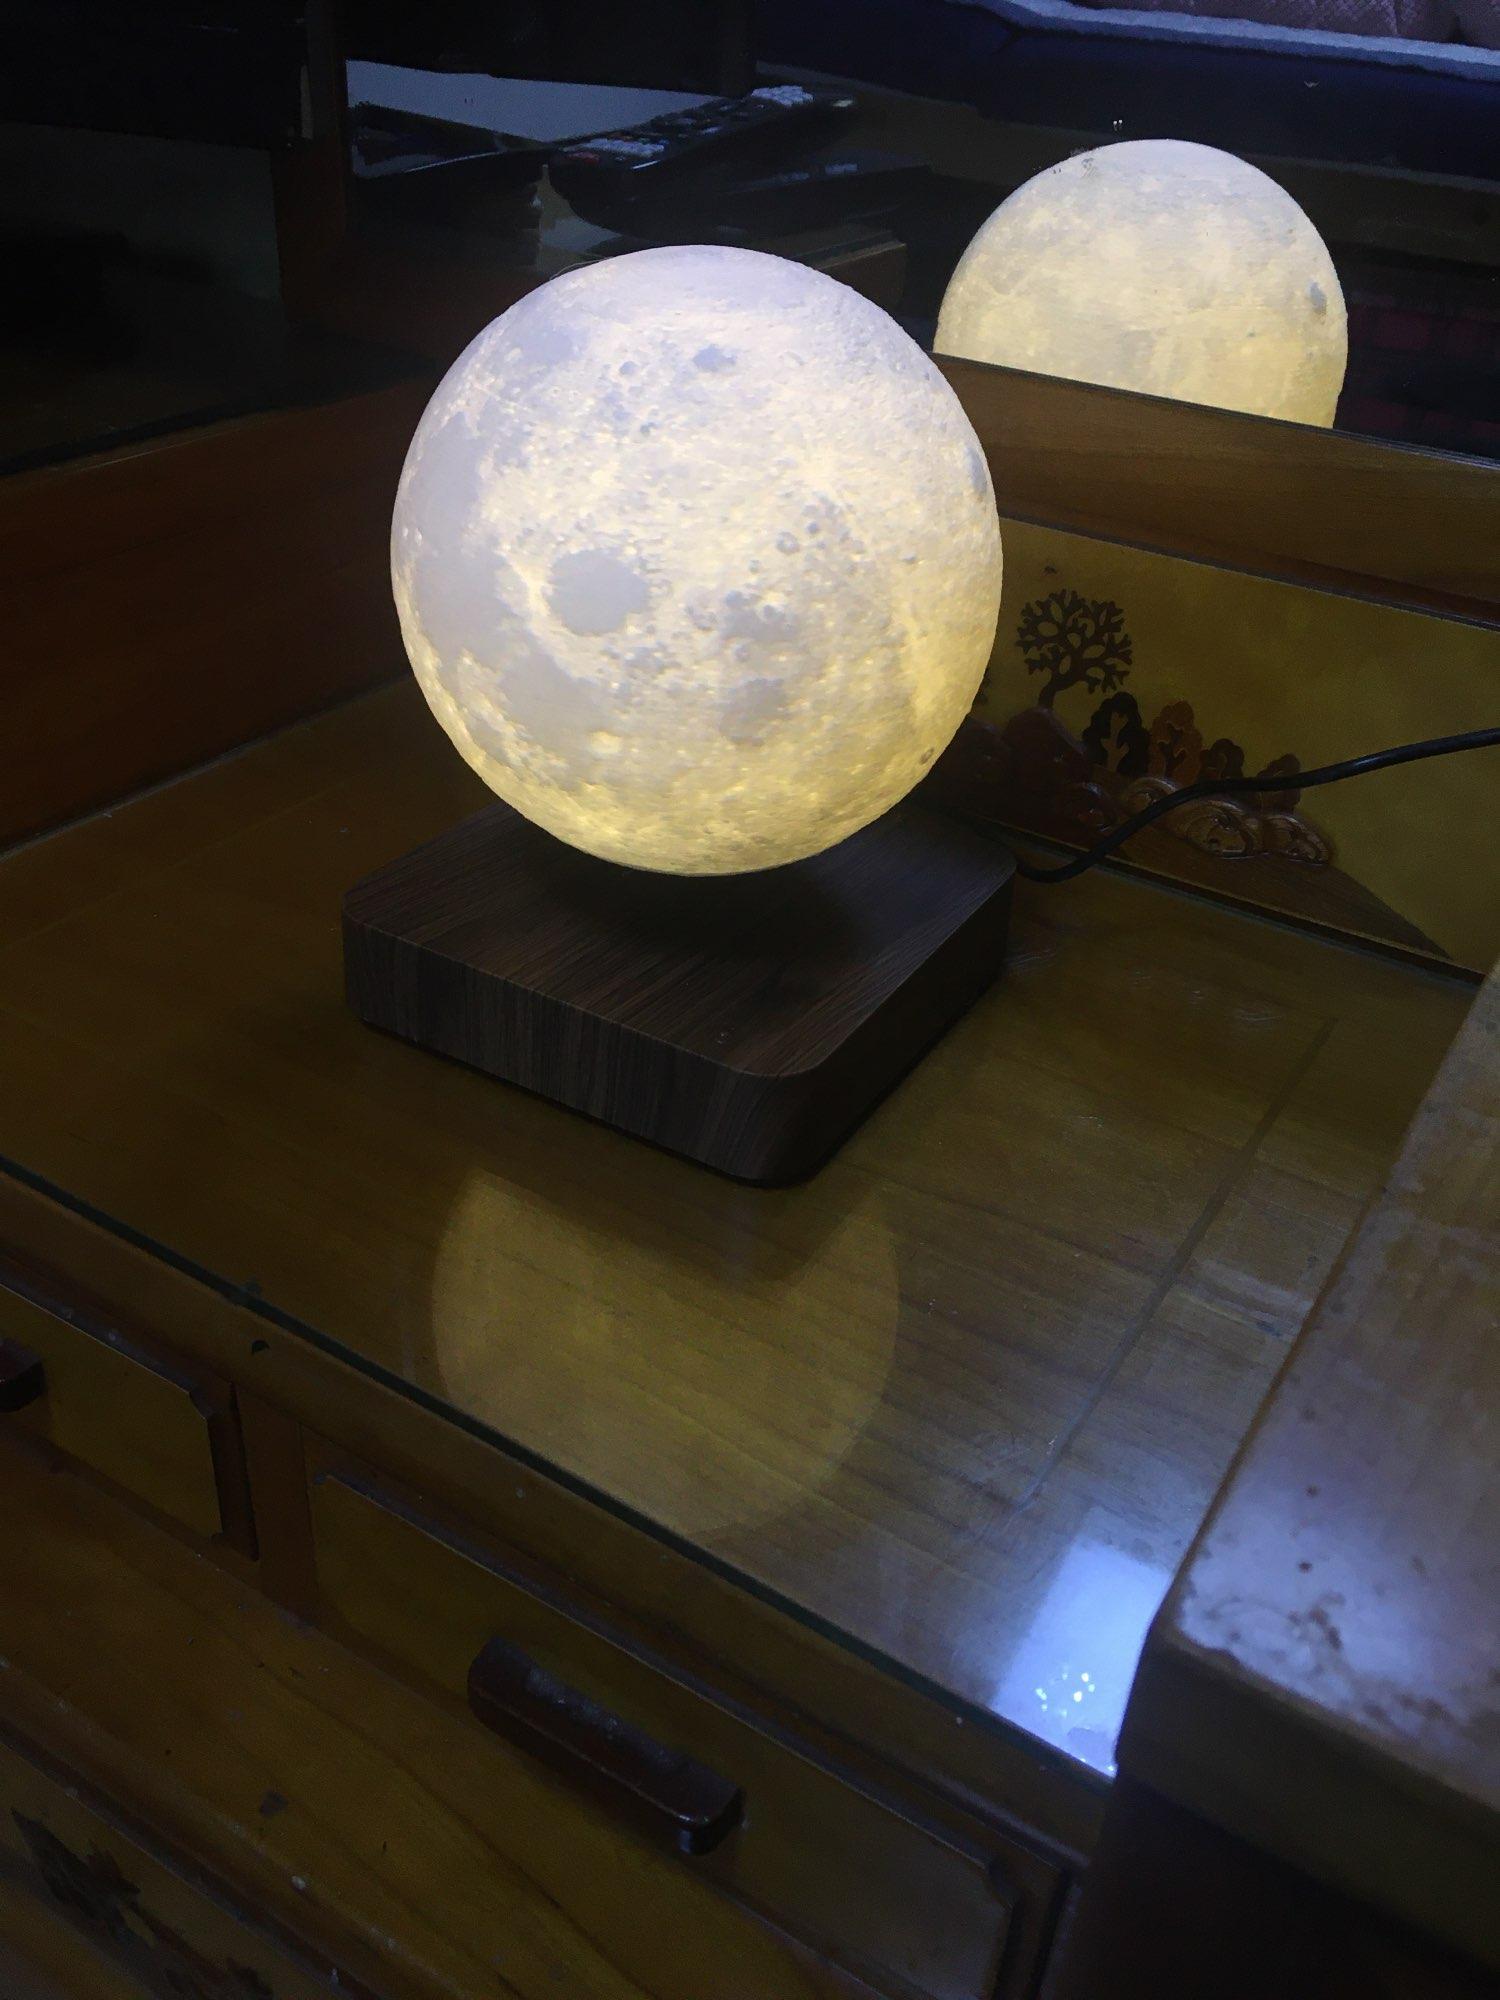 Lampe lune volante photo review